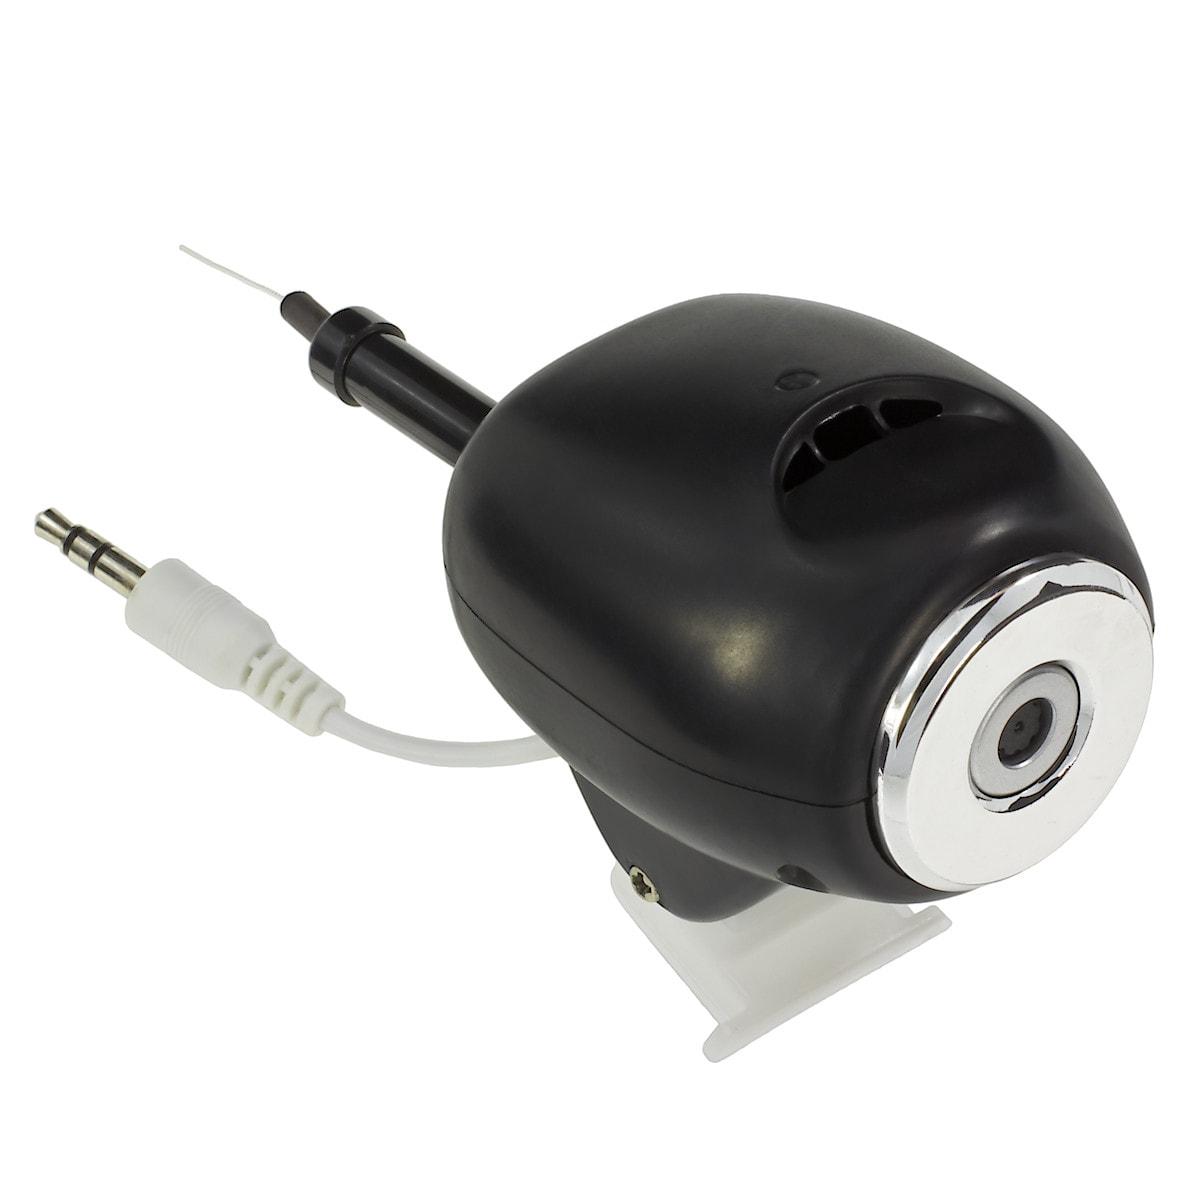 Kamera Syma X8W